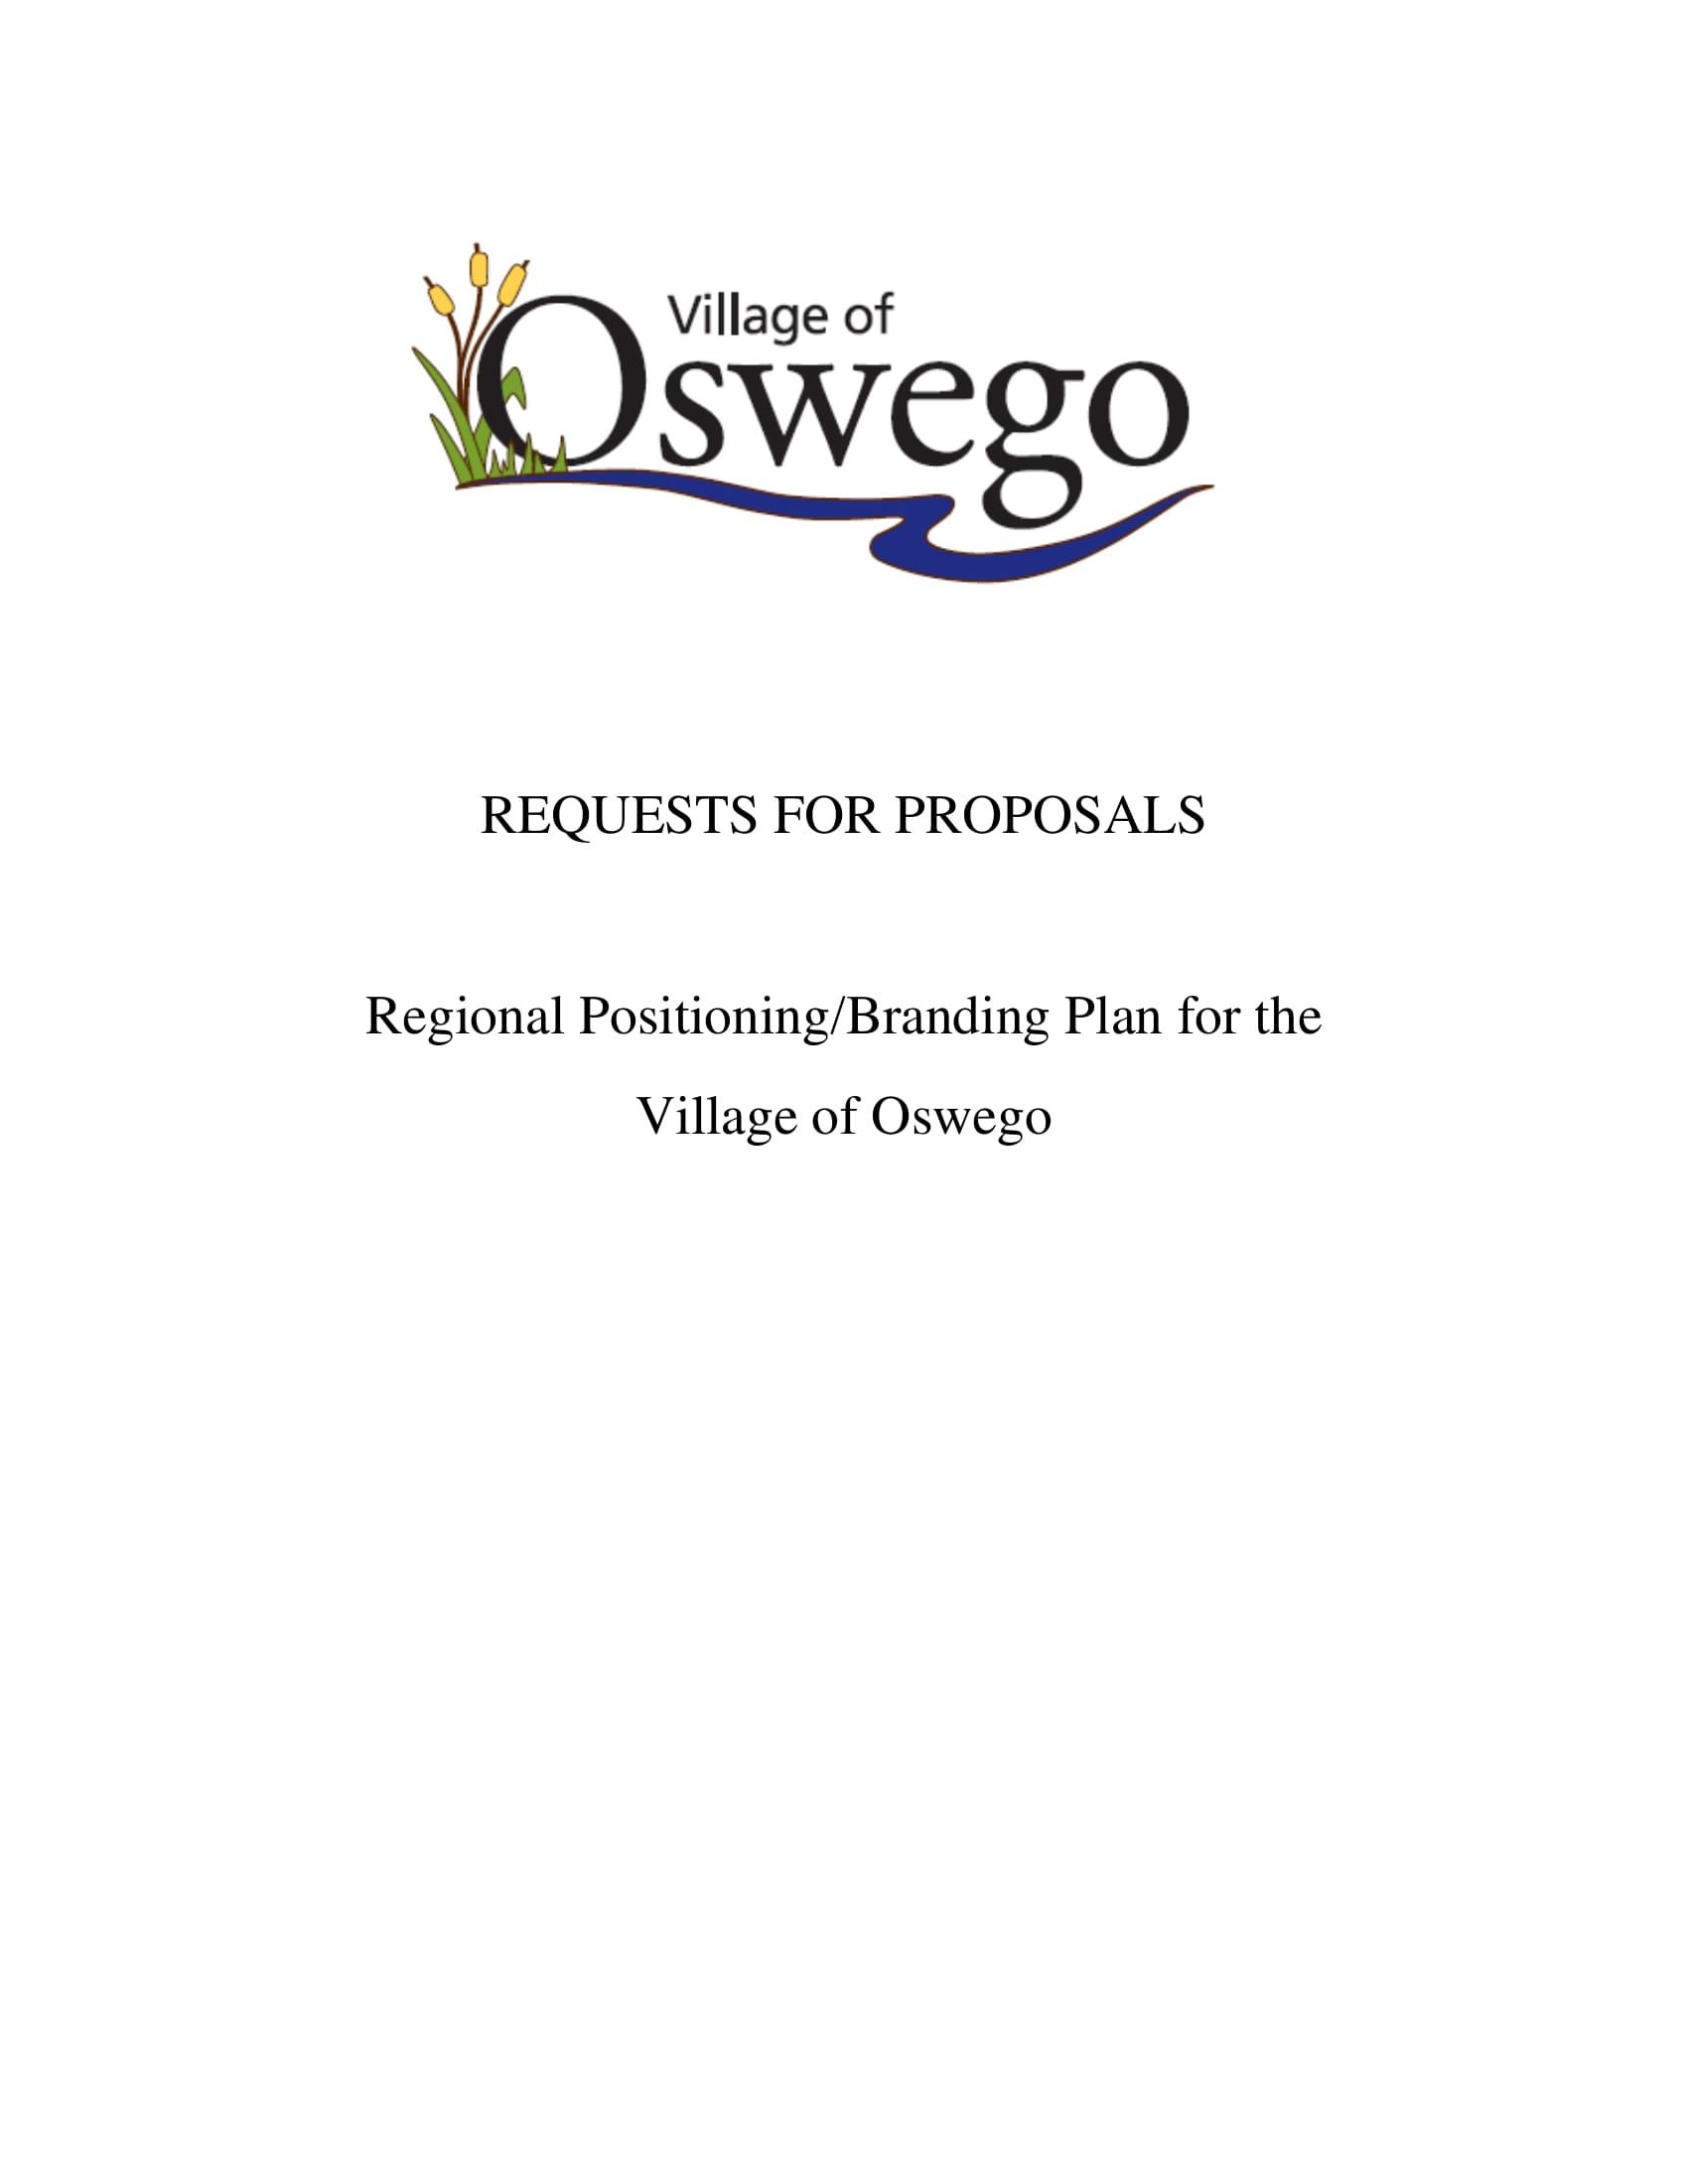 Regional Positioning Branding Plan Example